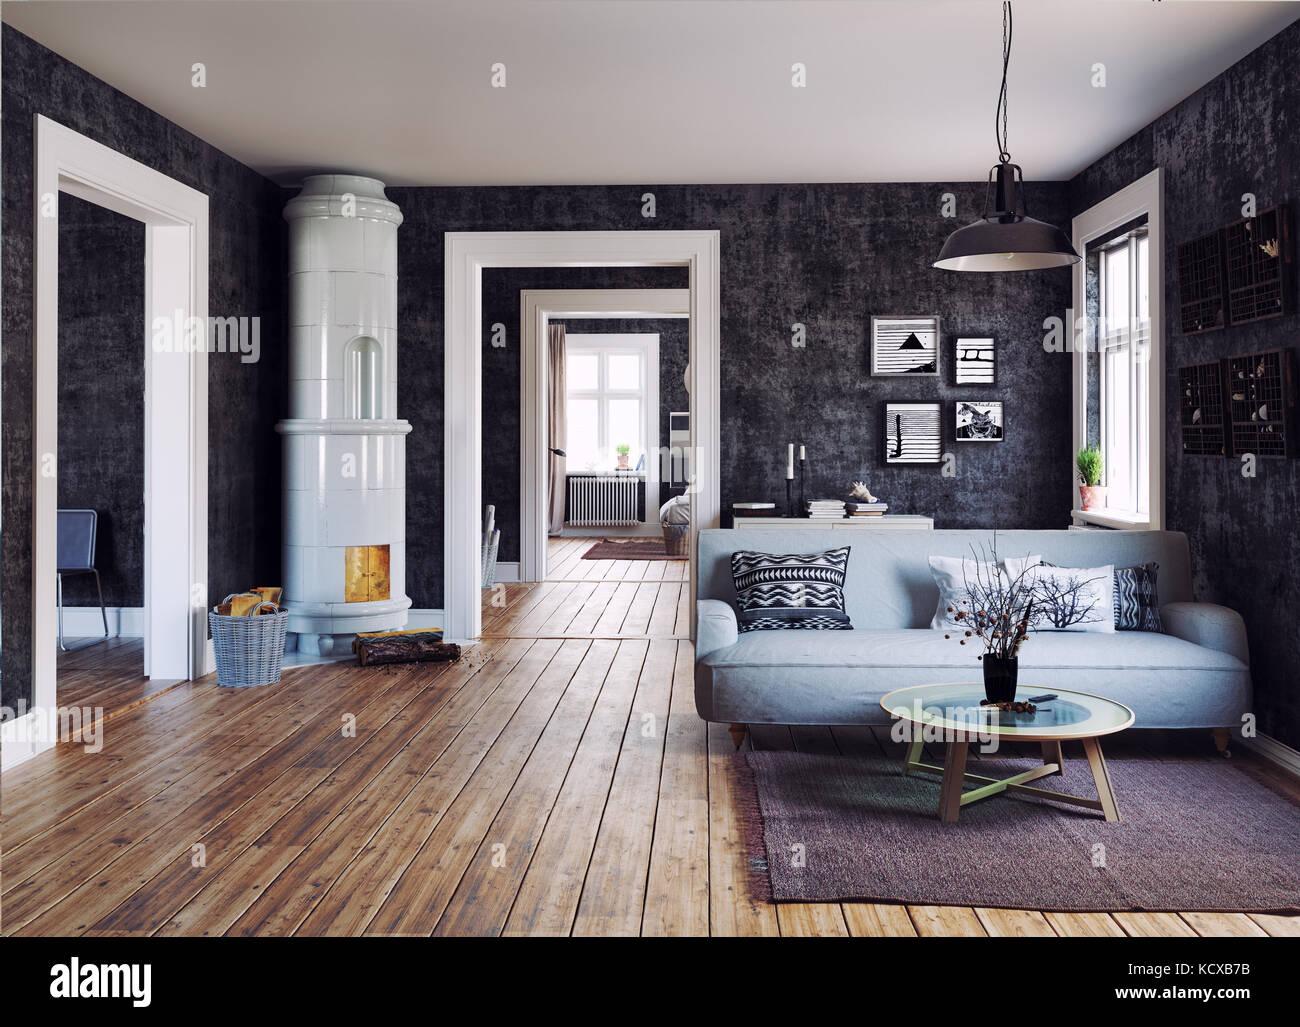 Das moderne Interieur. skandinavischen Flair. 3D Rendering ...